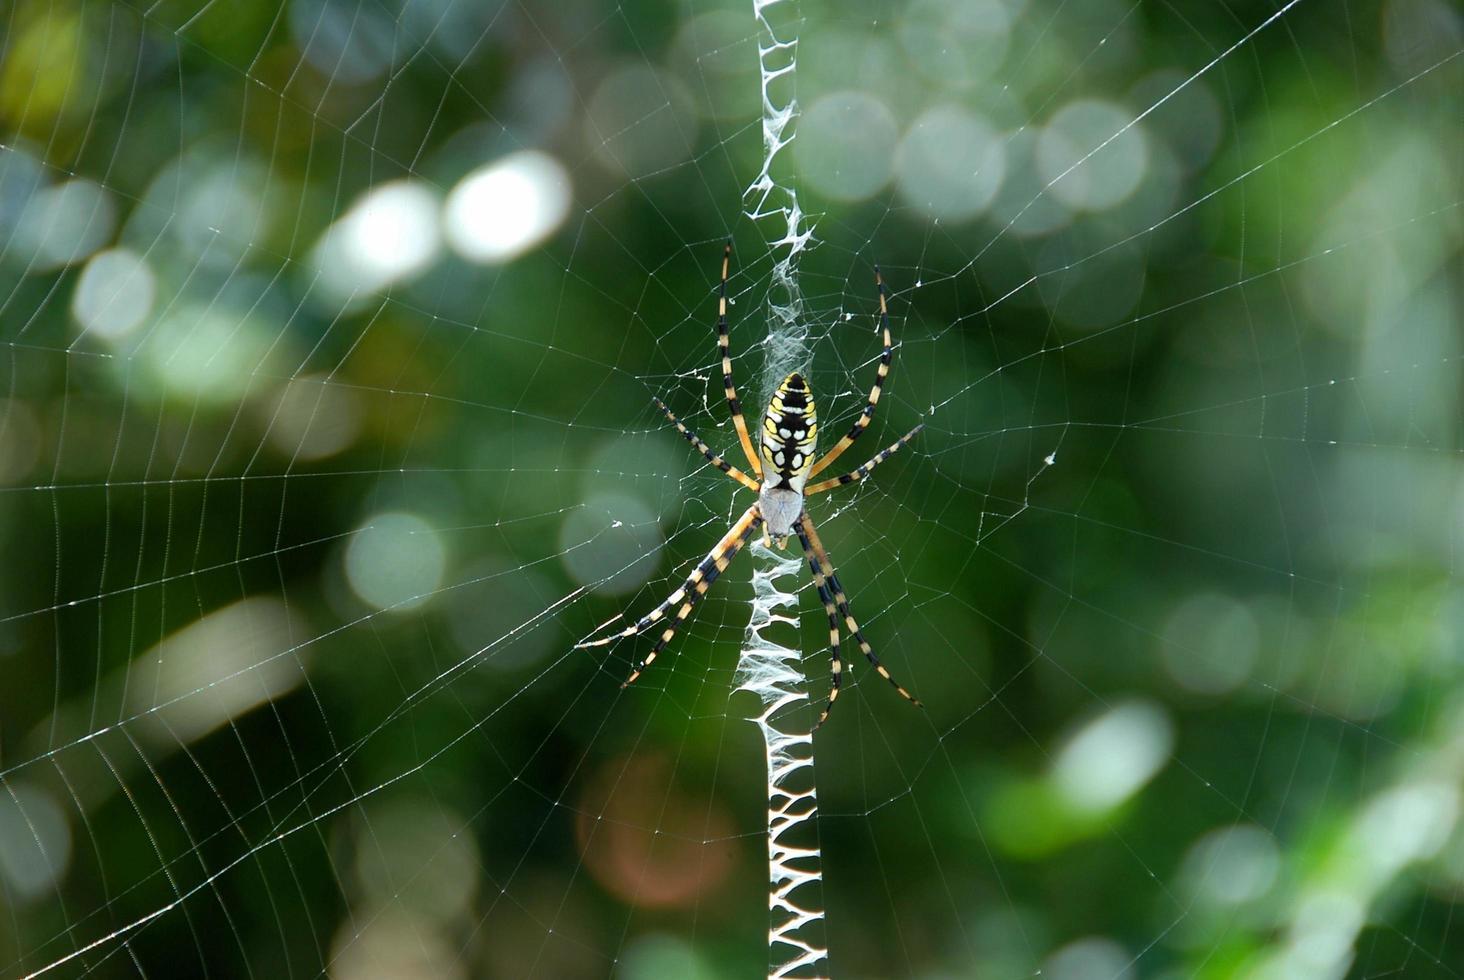 araña en el jardín foto